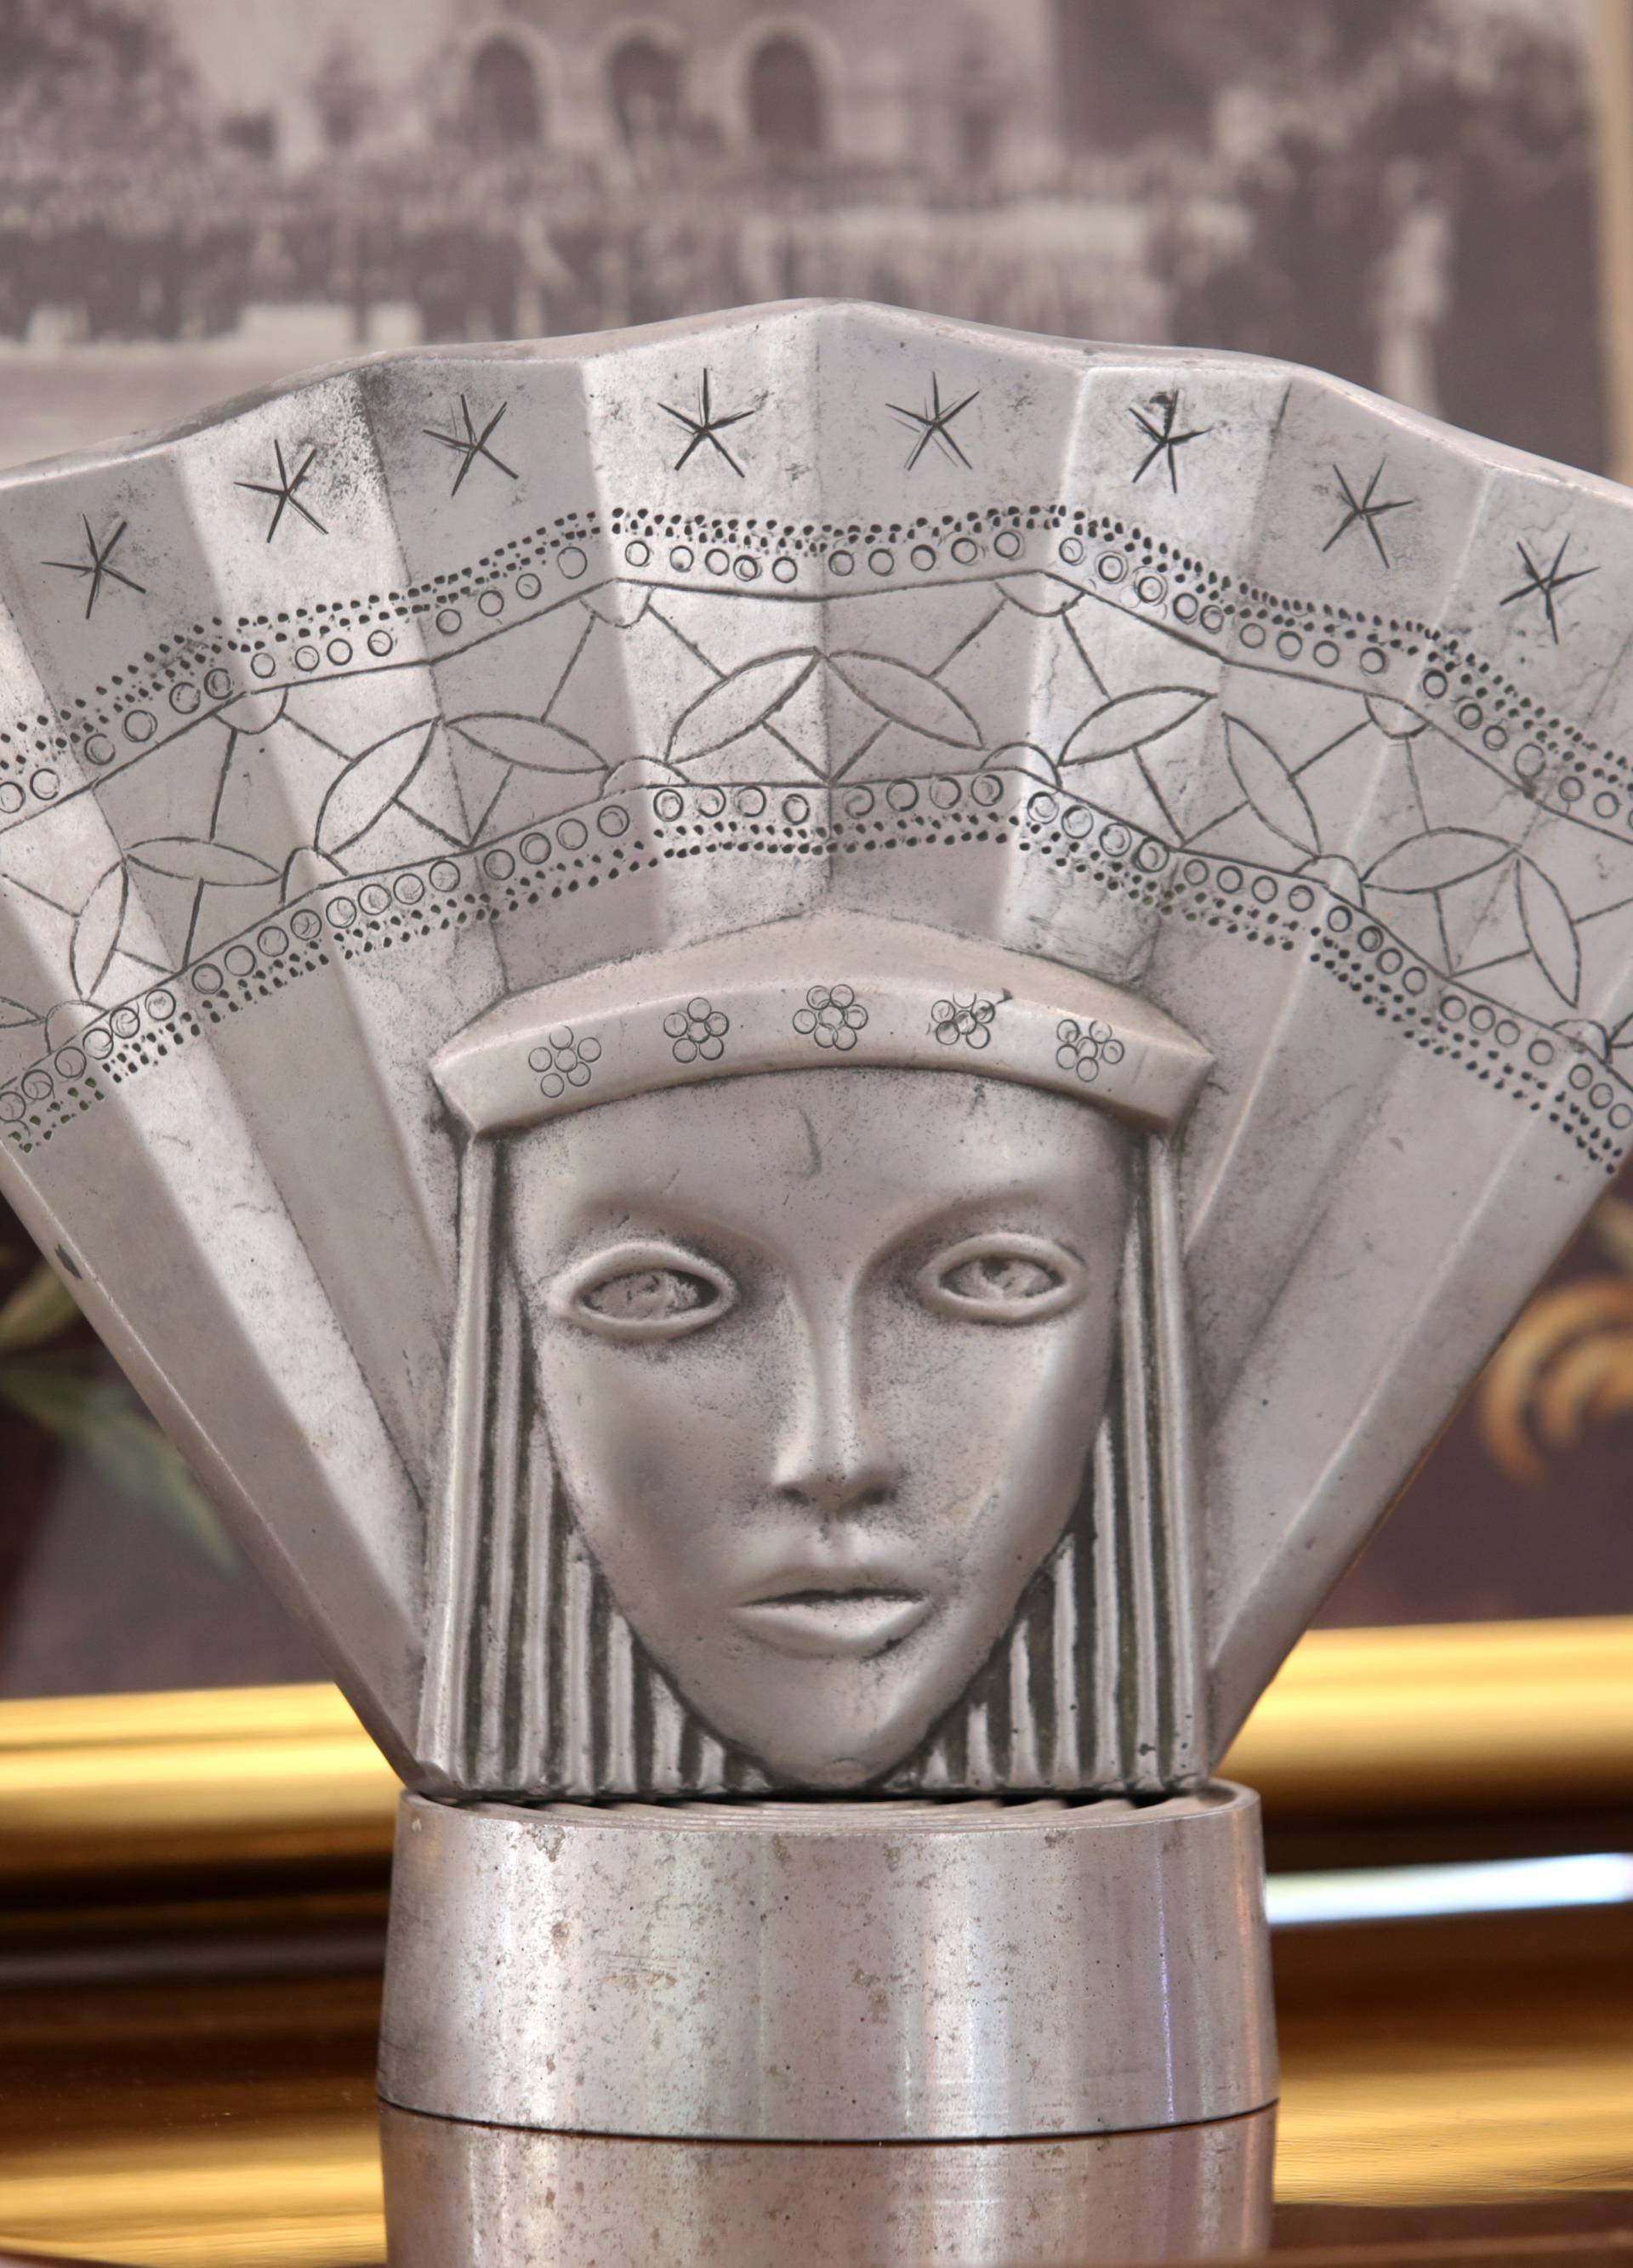 Splitska zalagaonica ima Dorin kip: 'To je lažnjak, loša kopija'